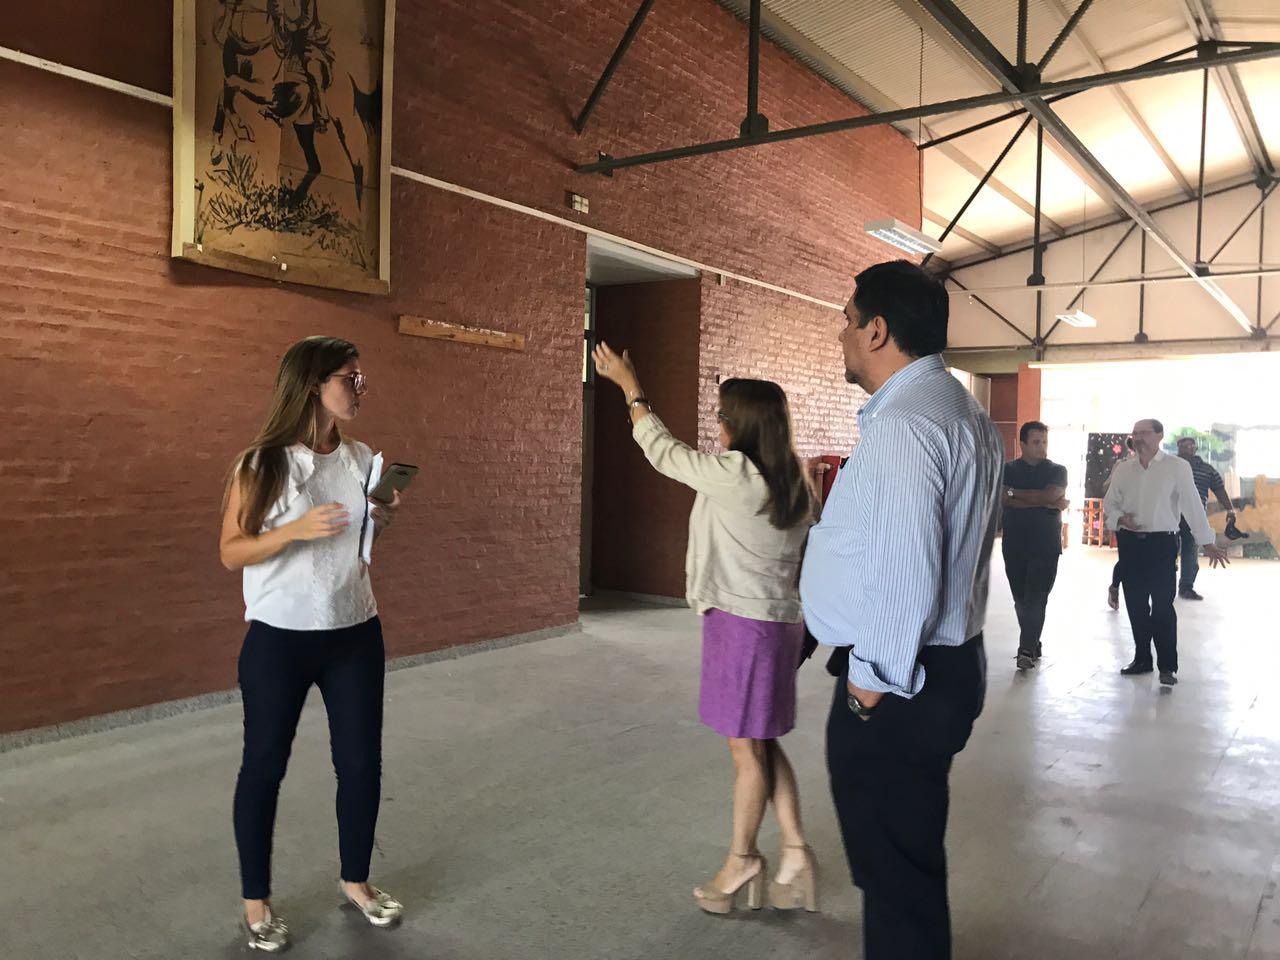 La ministra Susana Benítez verifica el avance de obras y también limpieza de escuelas